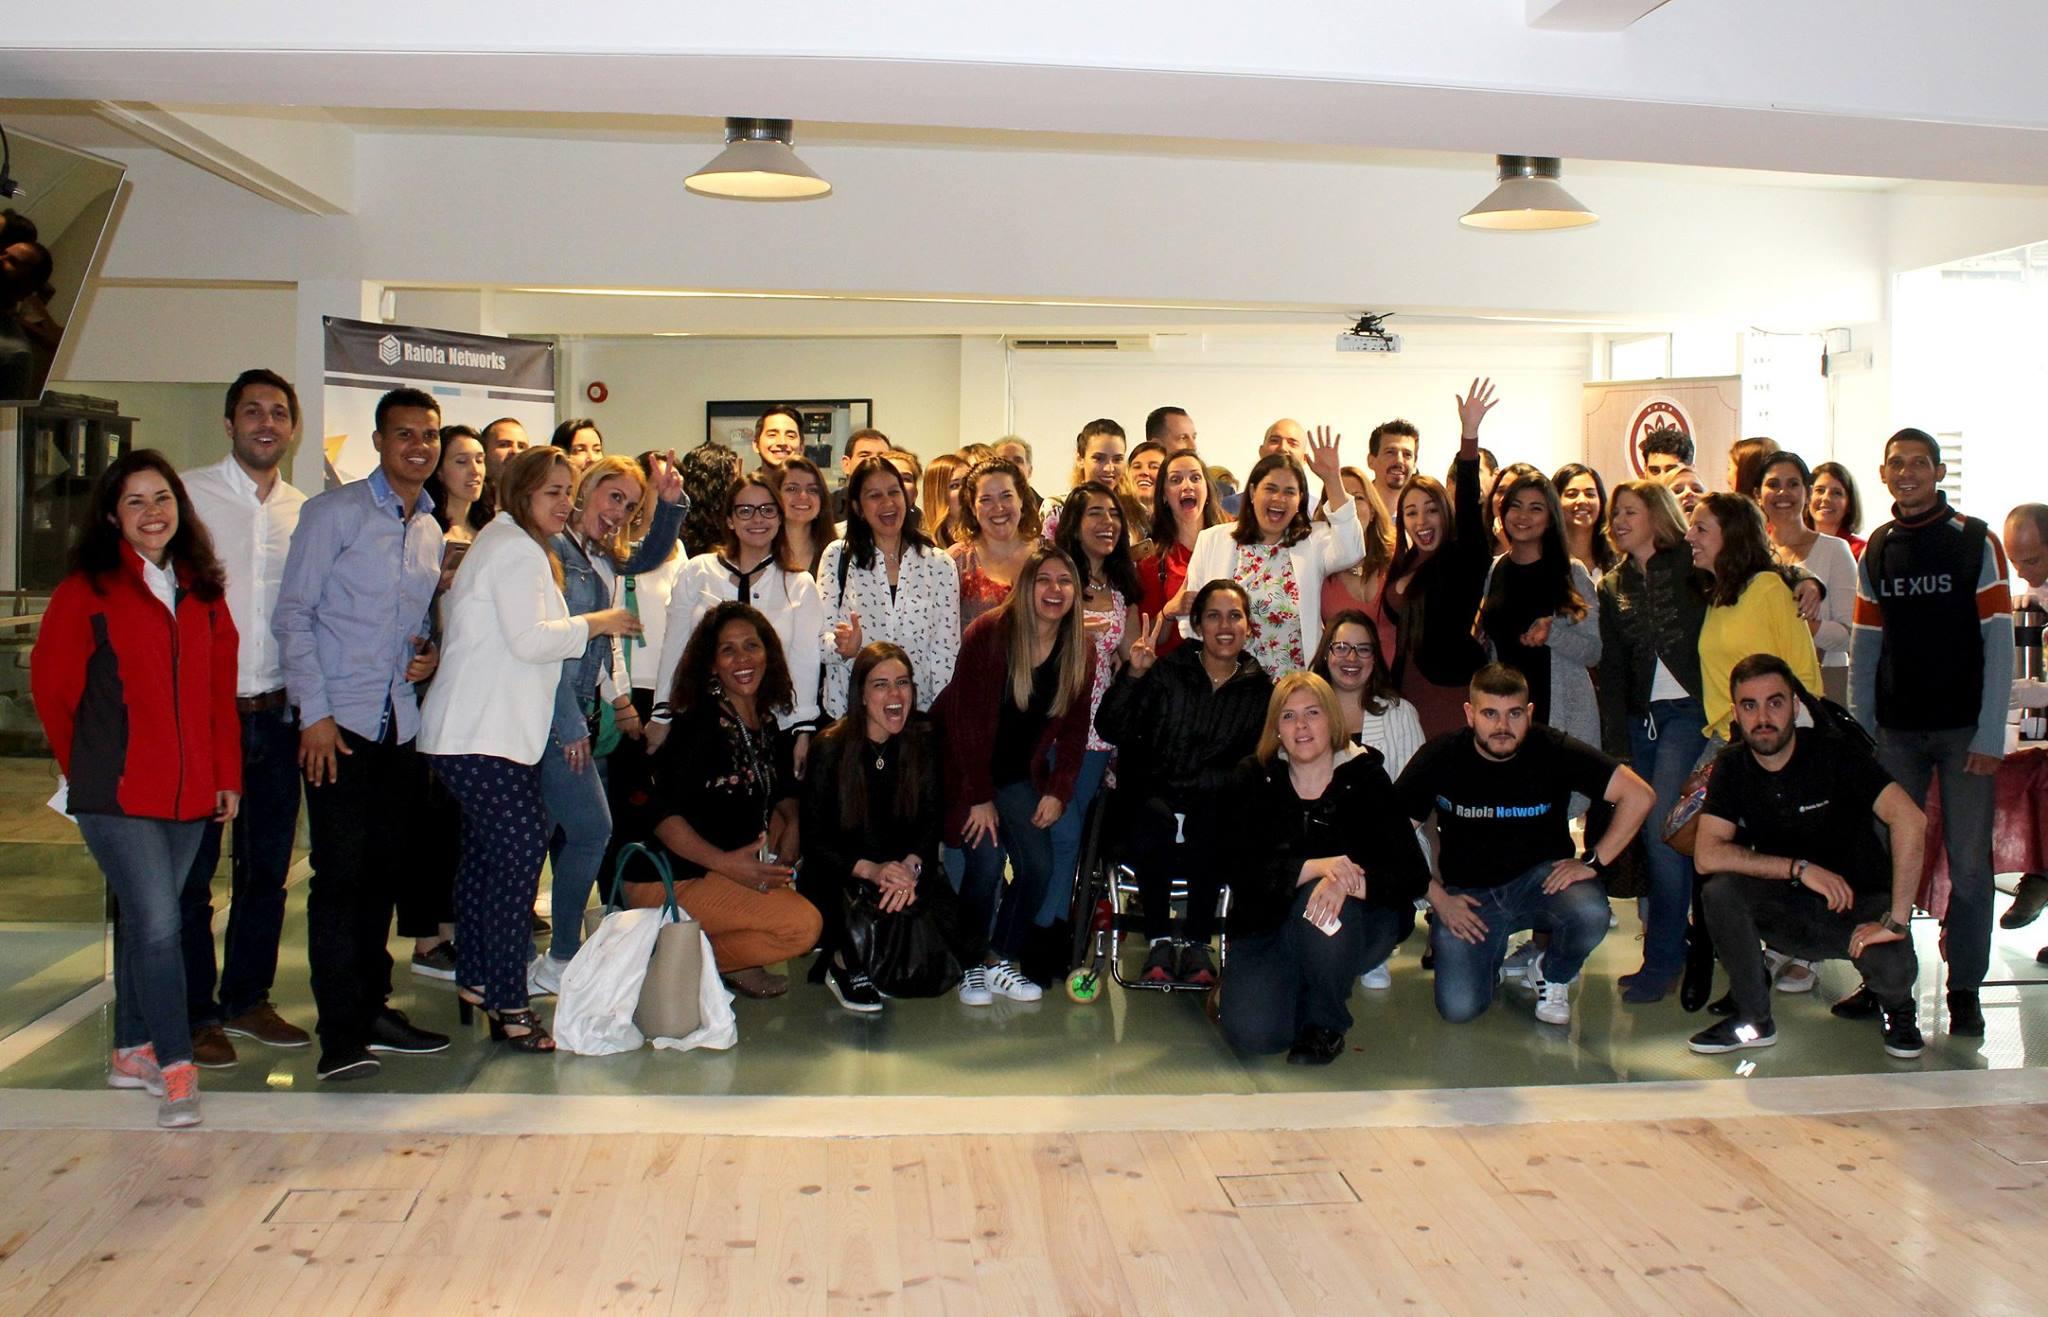 Emigrar y Emprender es posible reúne a más de 100 personas el pasado 31 de mayo en Open Talk